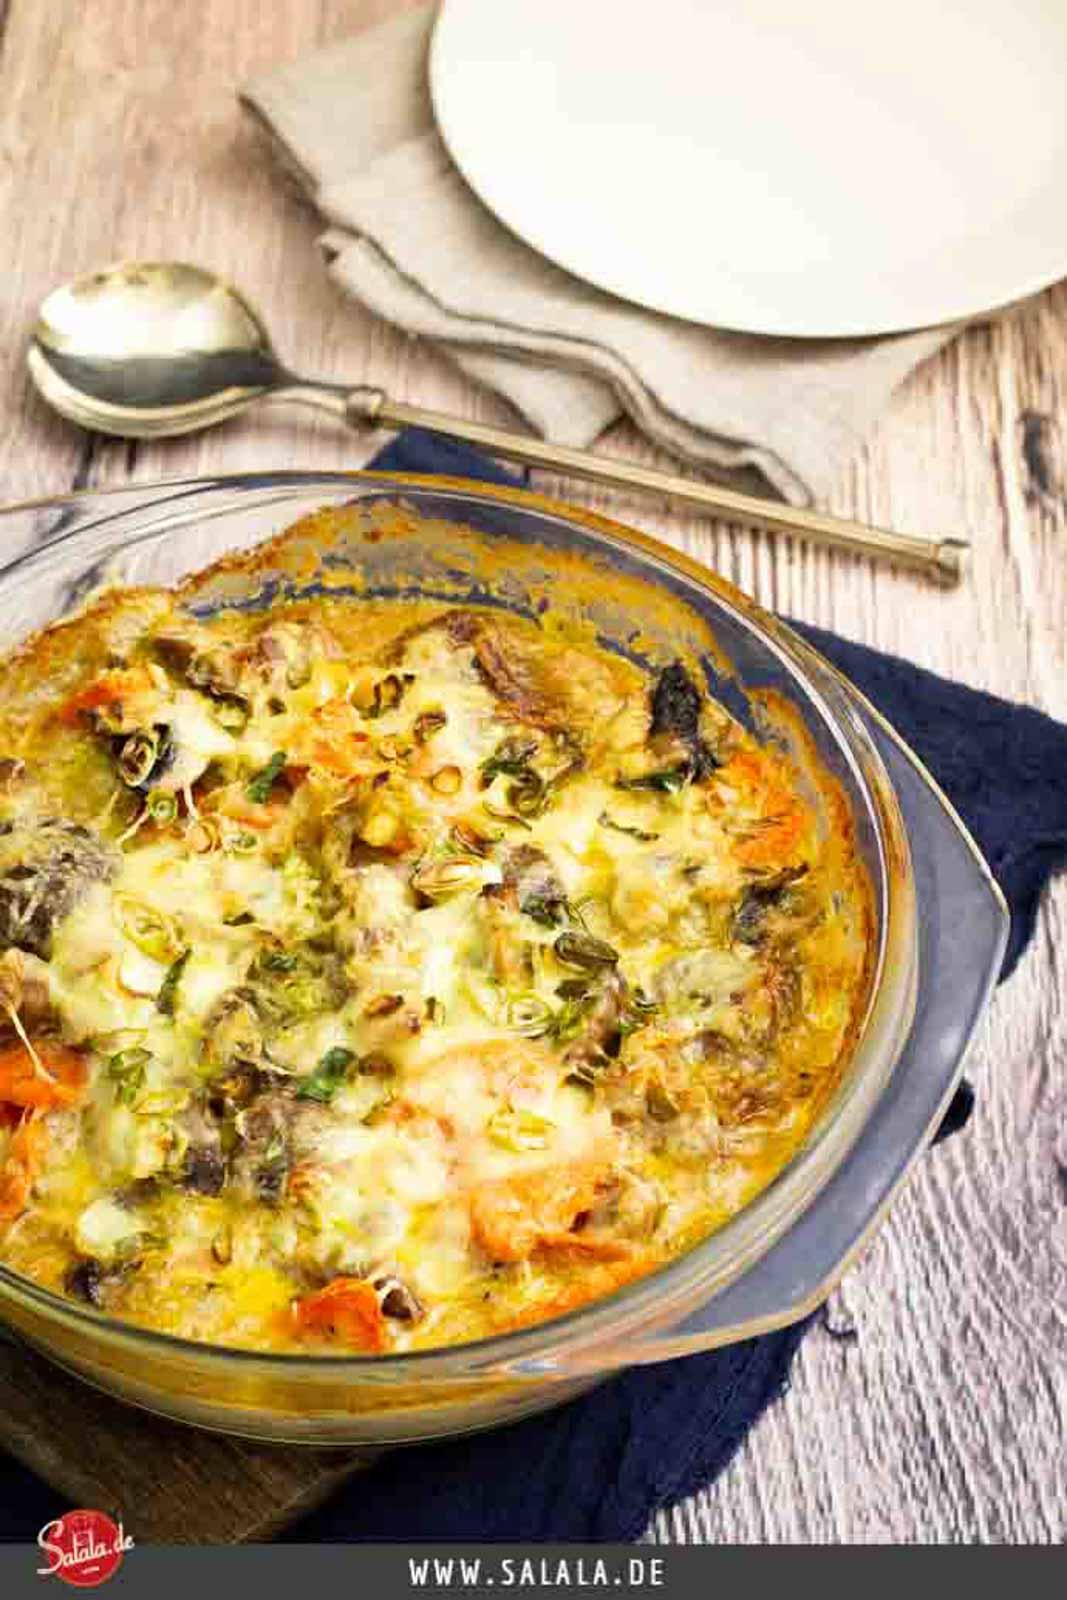 Nackensteakauflauf - by salala.de - Low Carb Auflauf Rezept mit Karotten